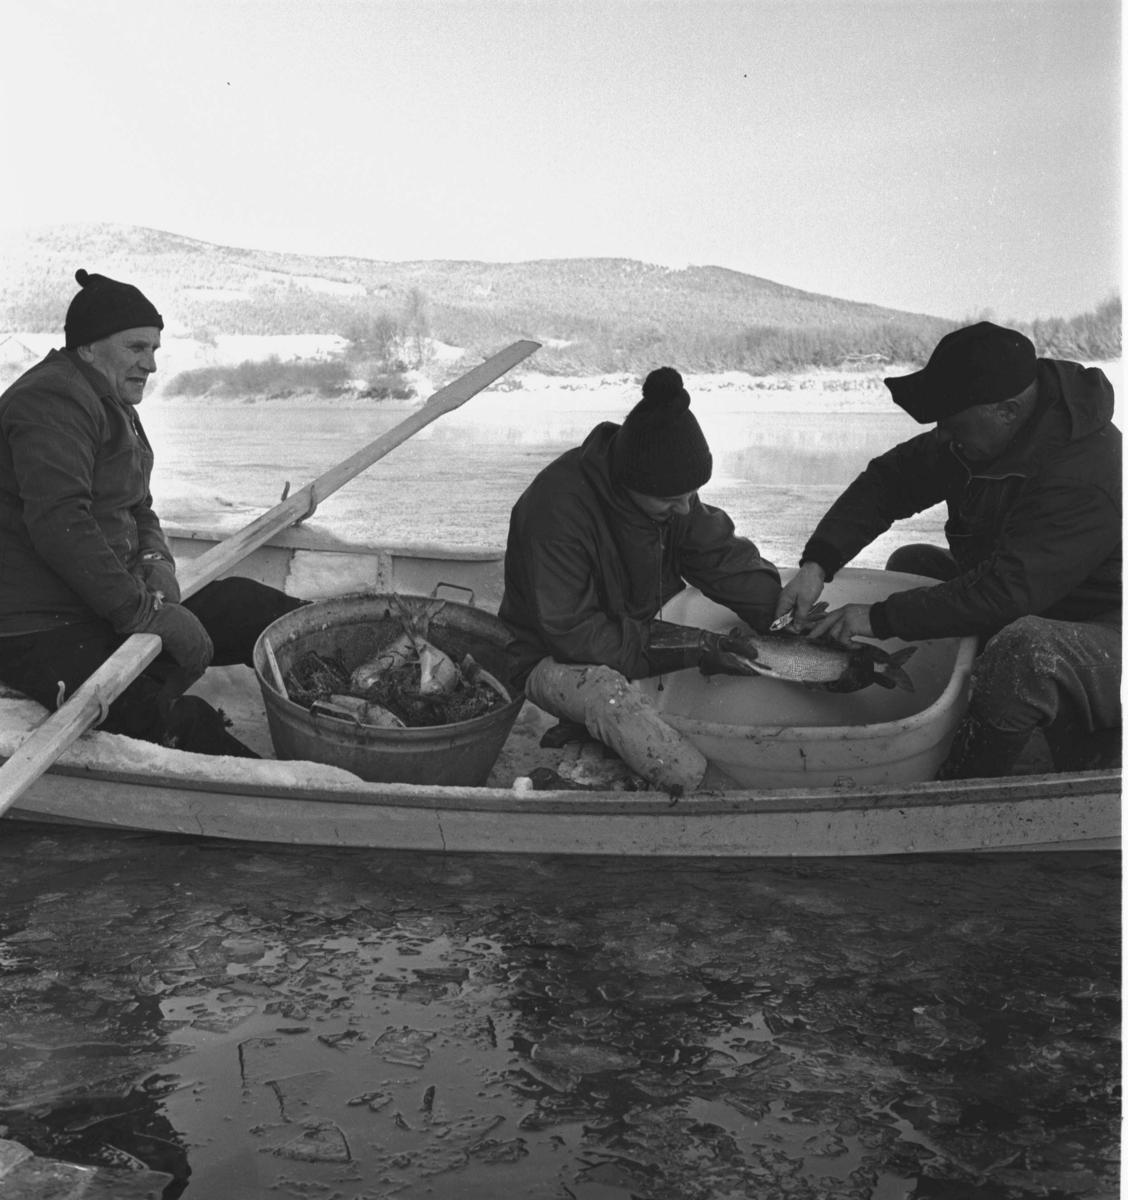 Tynset, Glomma, Sikfiske, Tre menn i båt, Vinter, Fisk, Fiskeutstyr